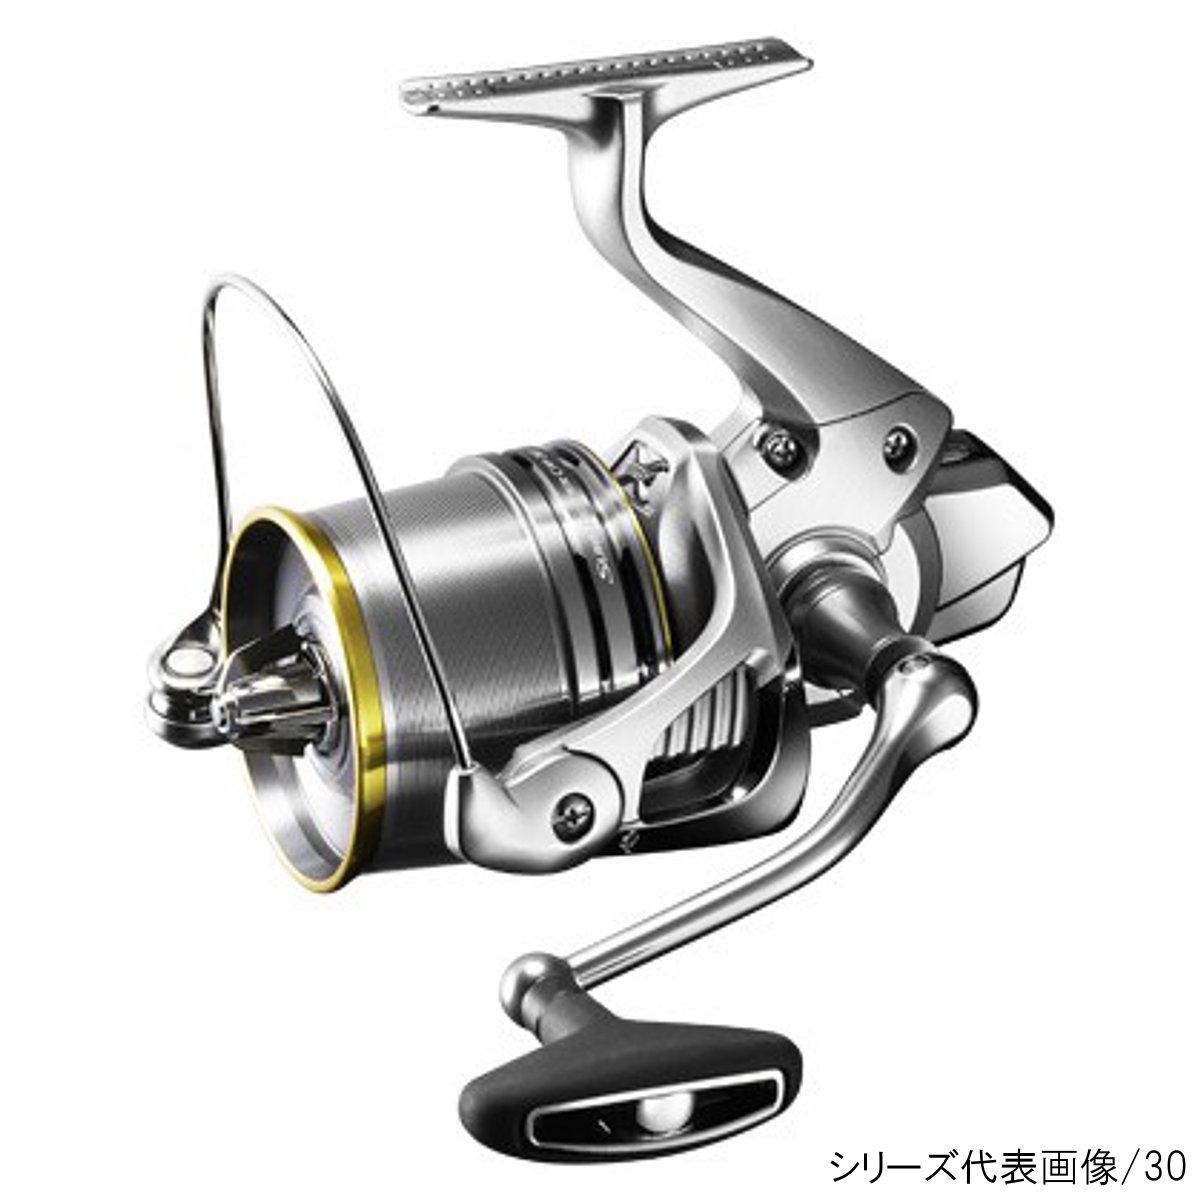 シマノ サーフリーダー CI4+ 30細糸仕様(東日本店)